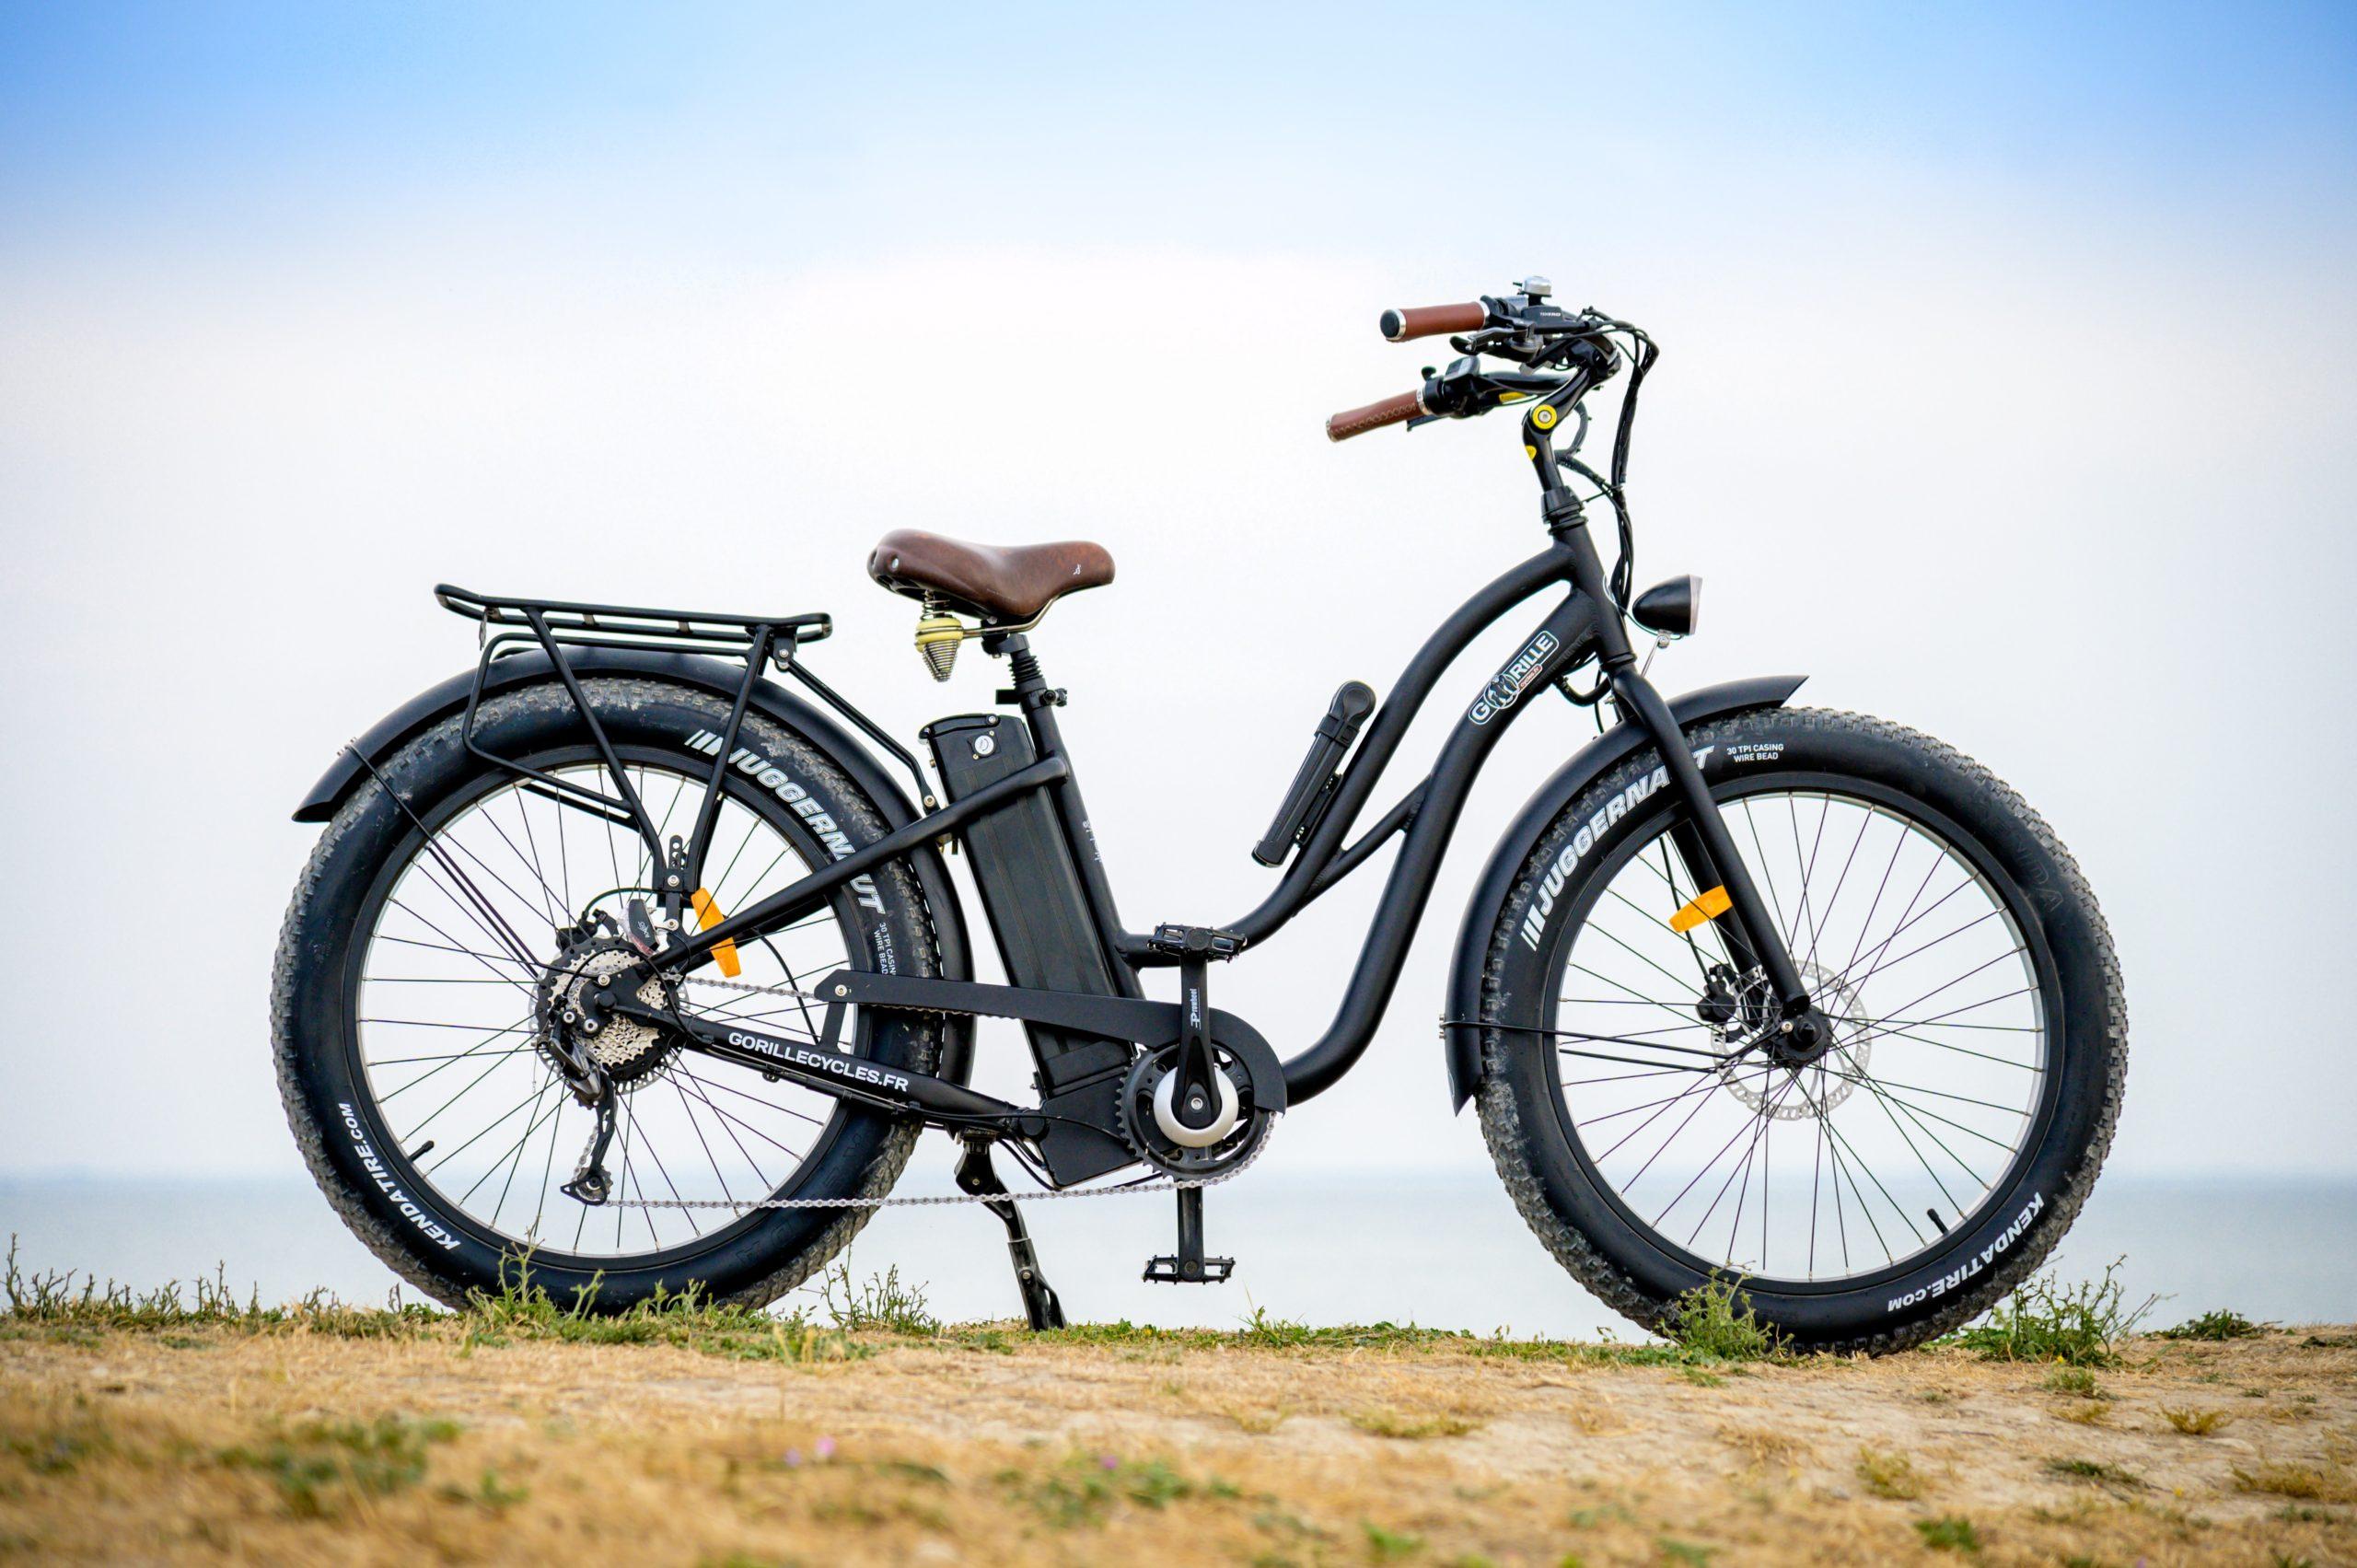 FatBike Electrique Ile de Ré - Marque Gorille Cycles